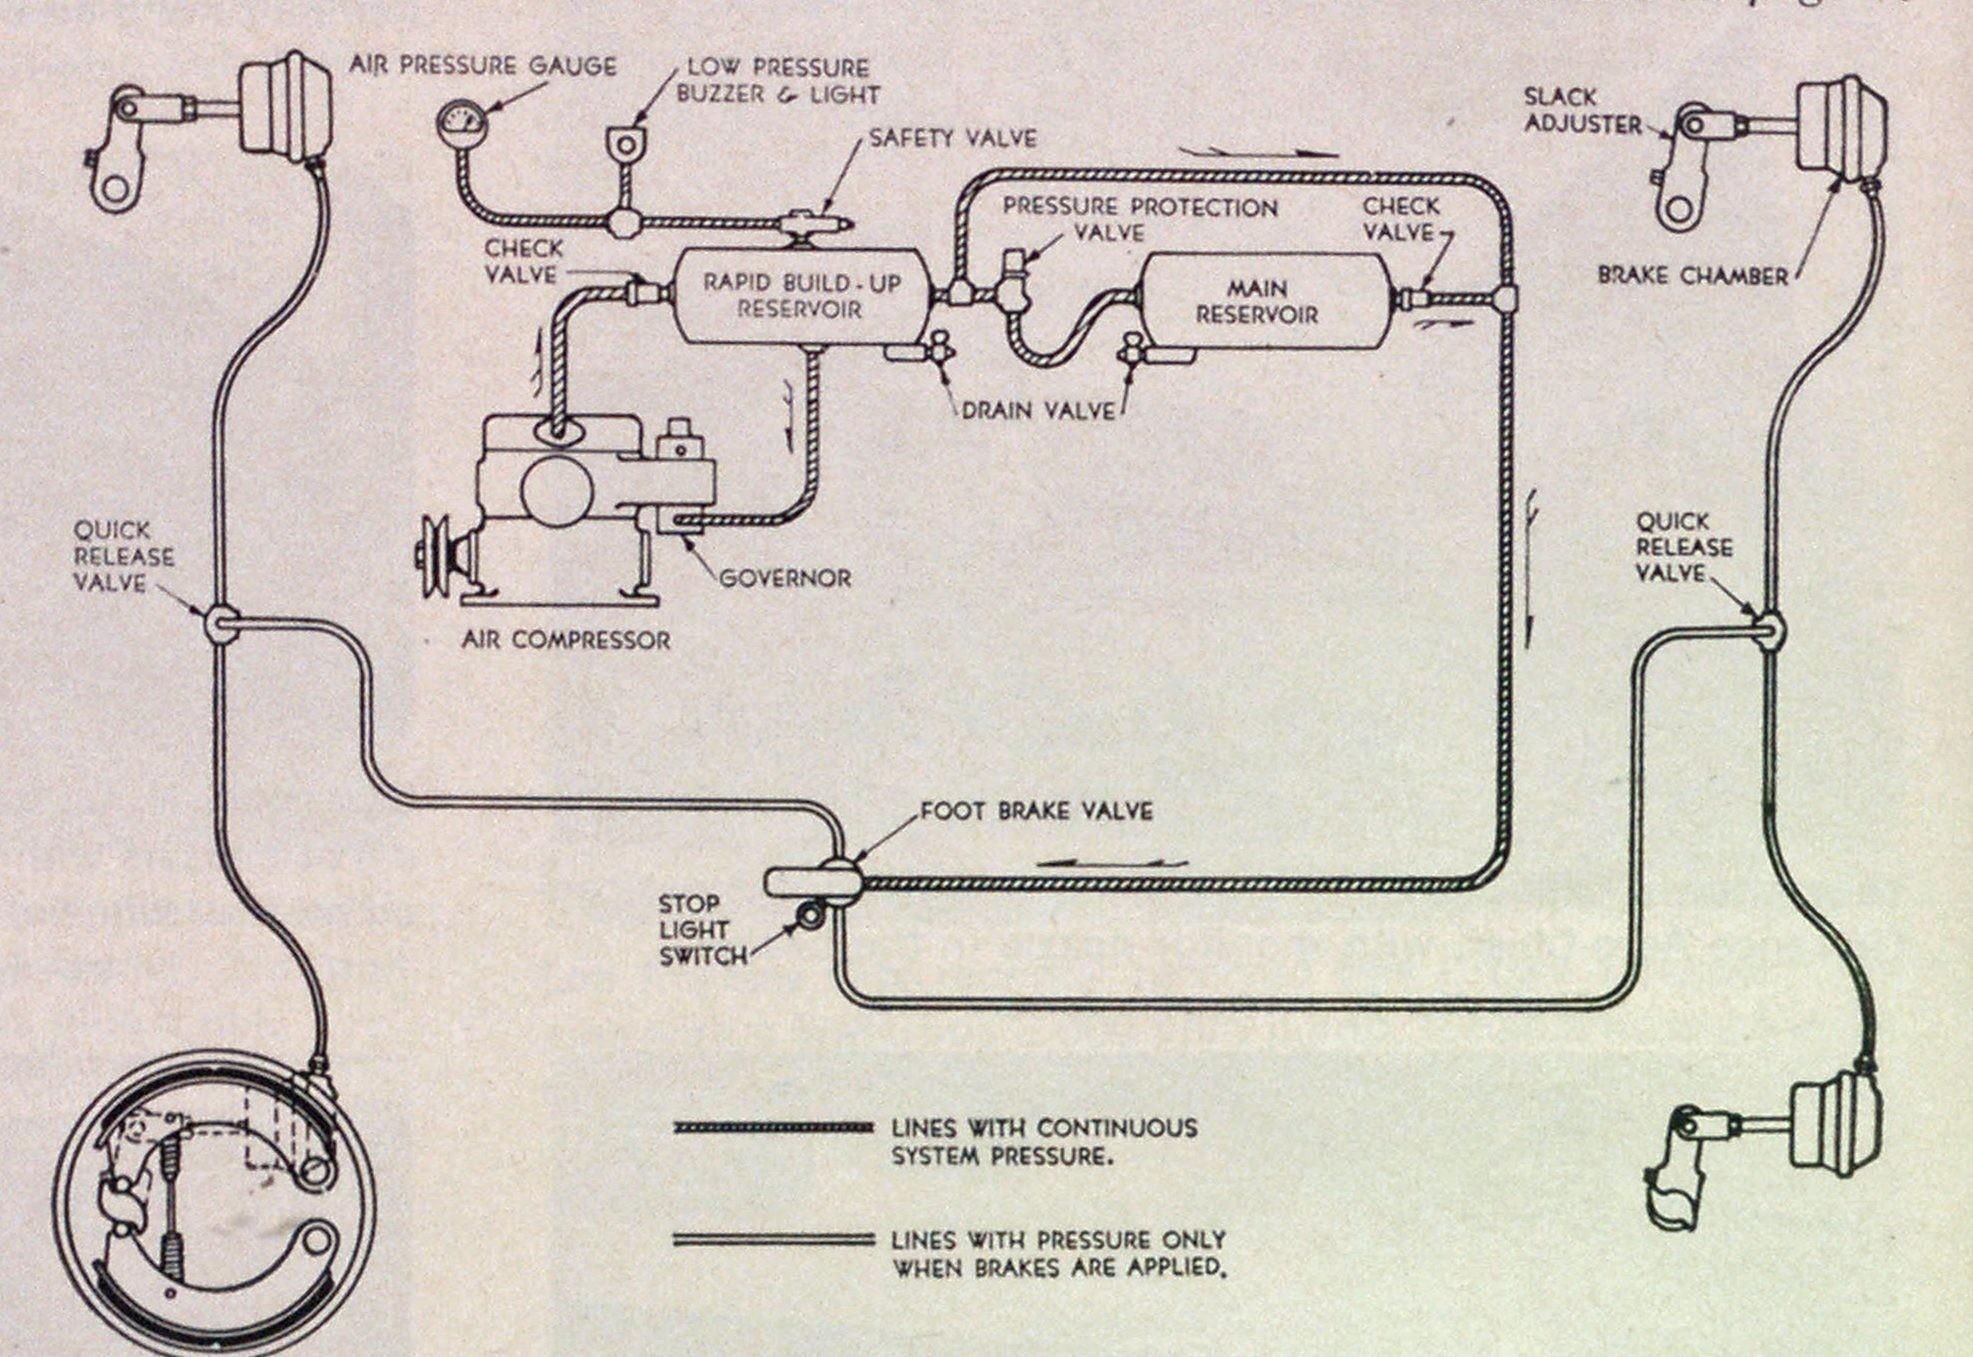 Peterbilt Air Brake Diagram Sz 8767] Air Brakes Schematic Wiring Diagram Of Peterbilt Air Brake Diagram